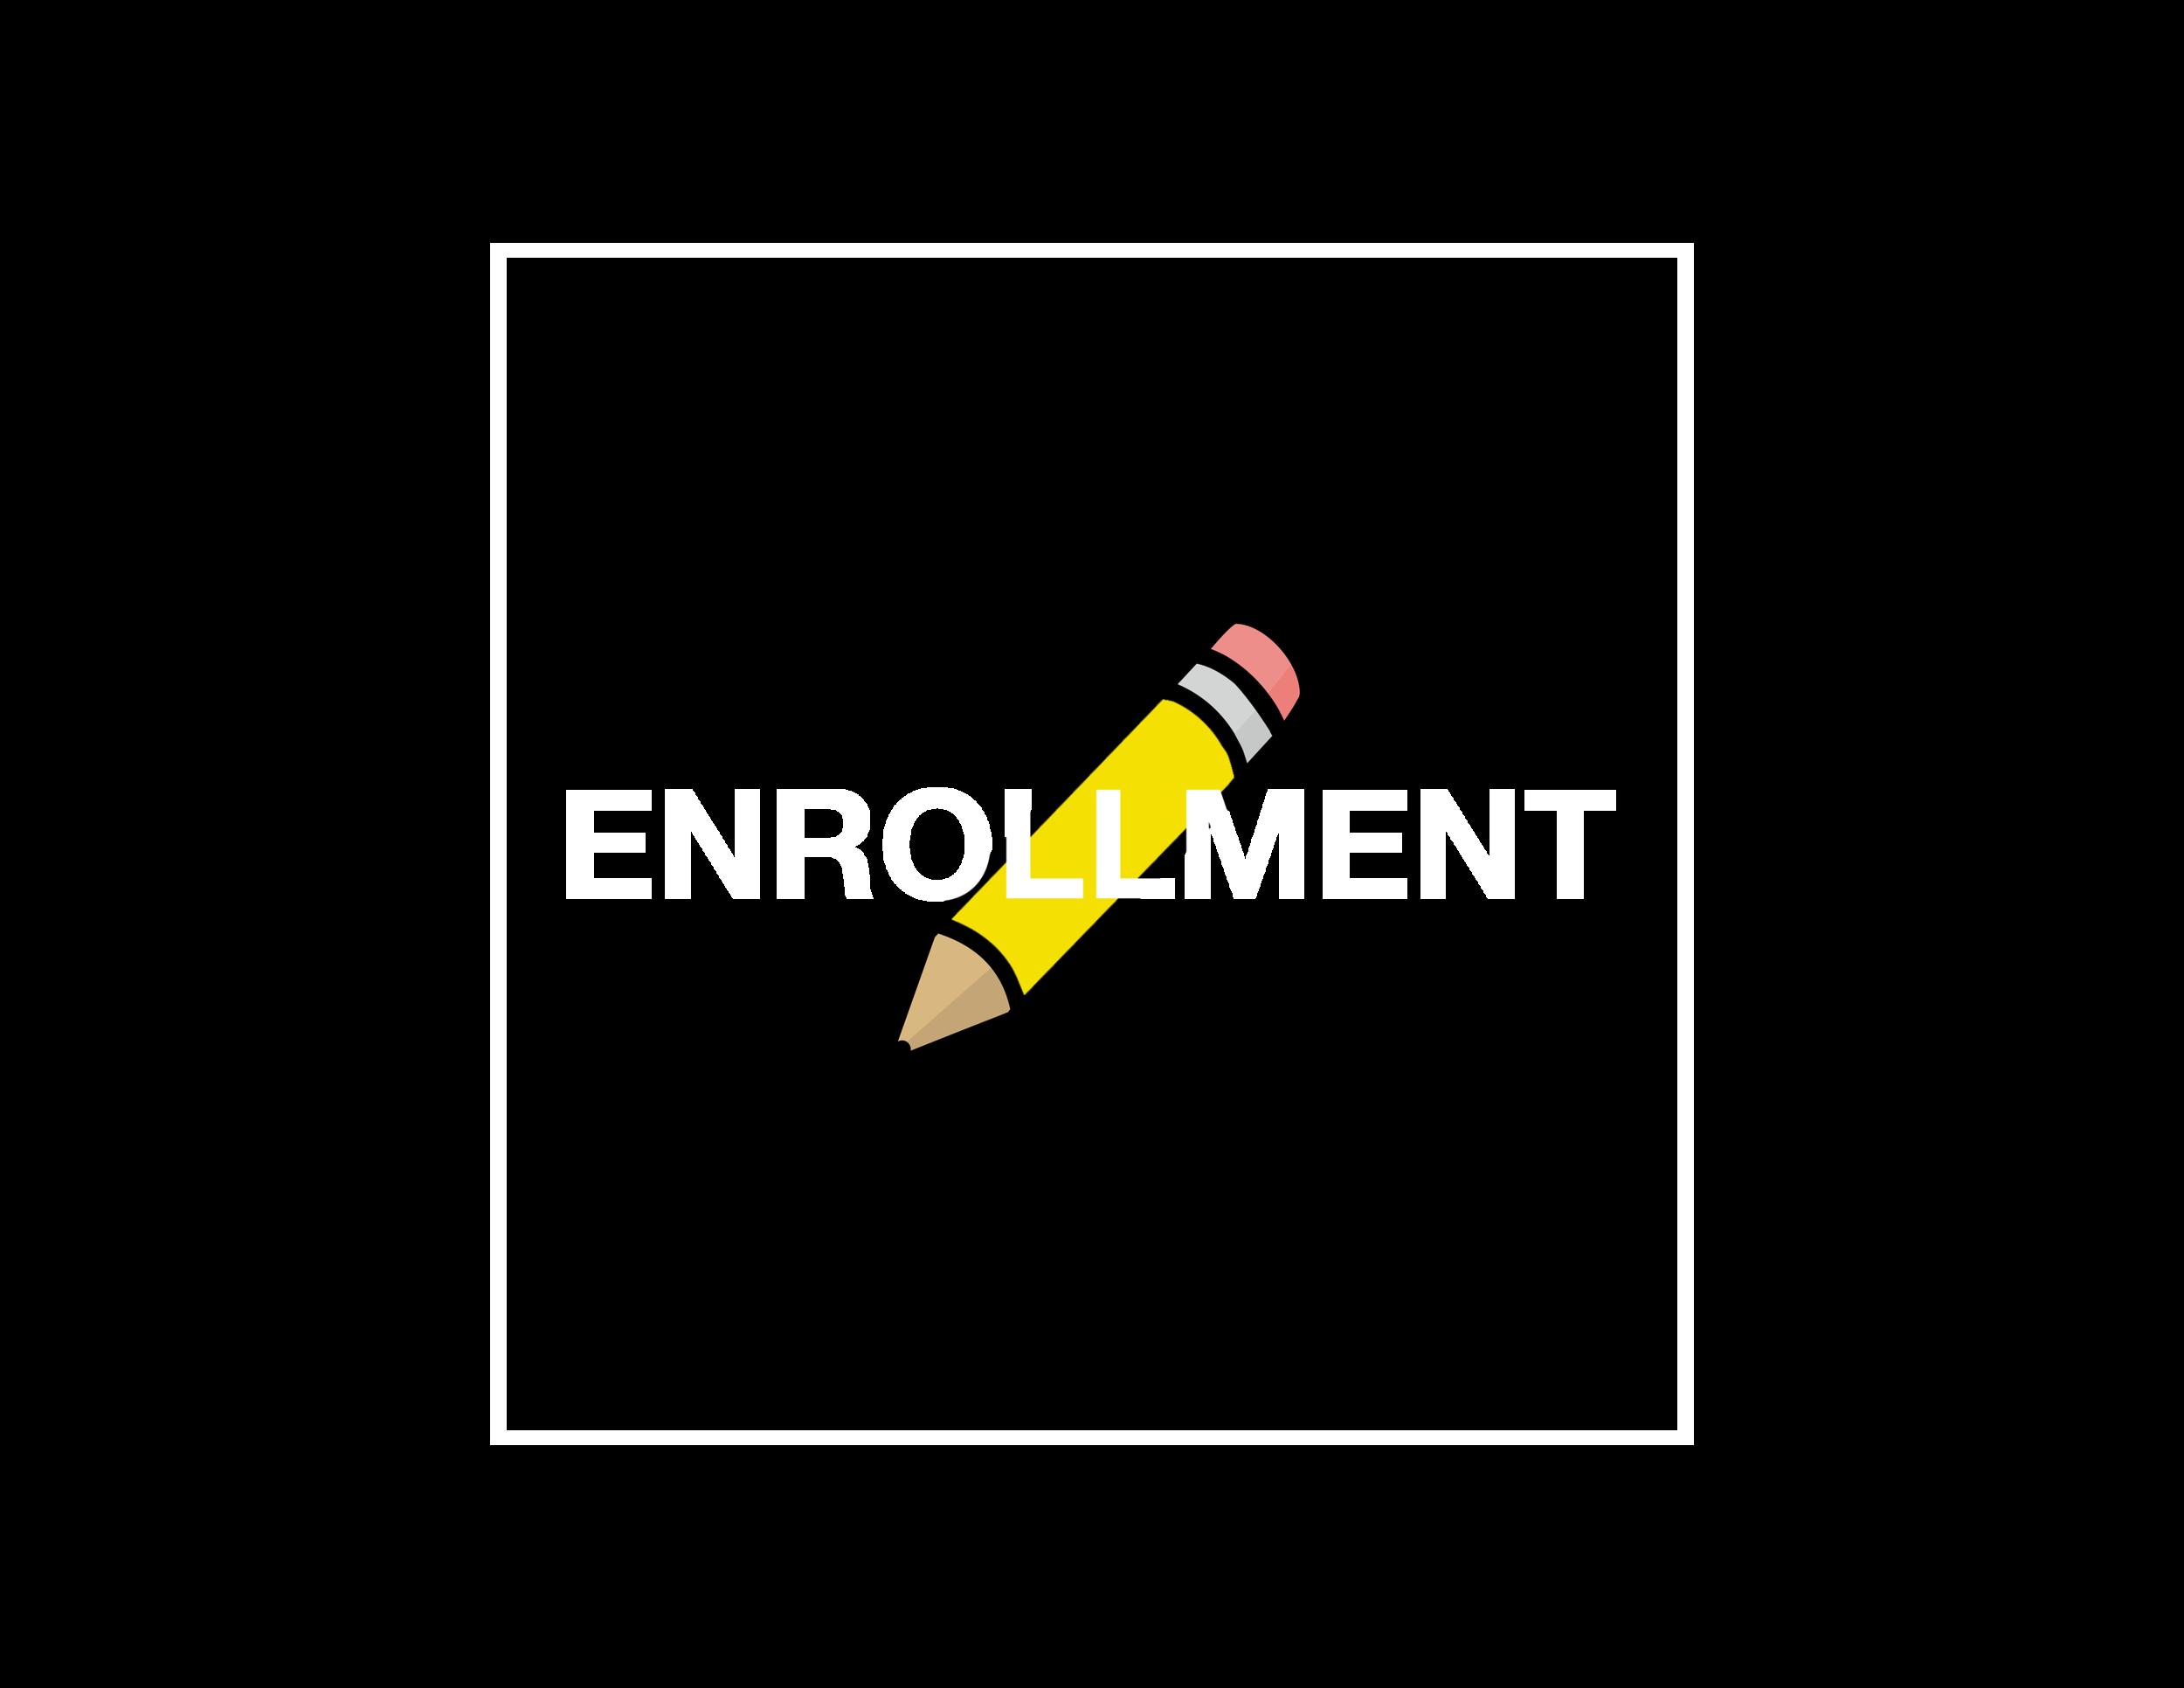 enrollmentICON.png